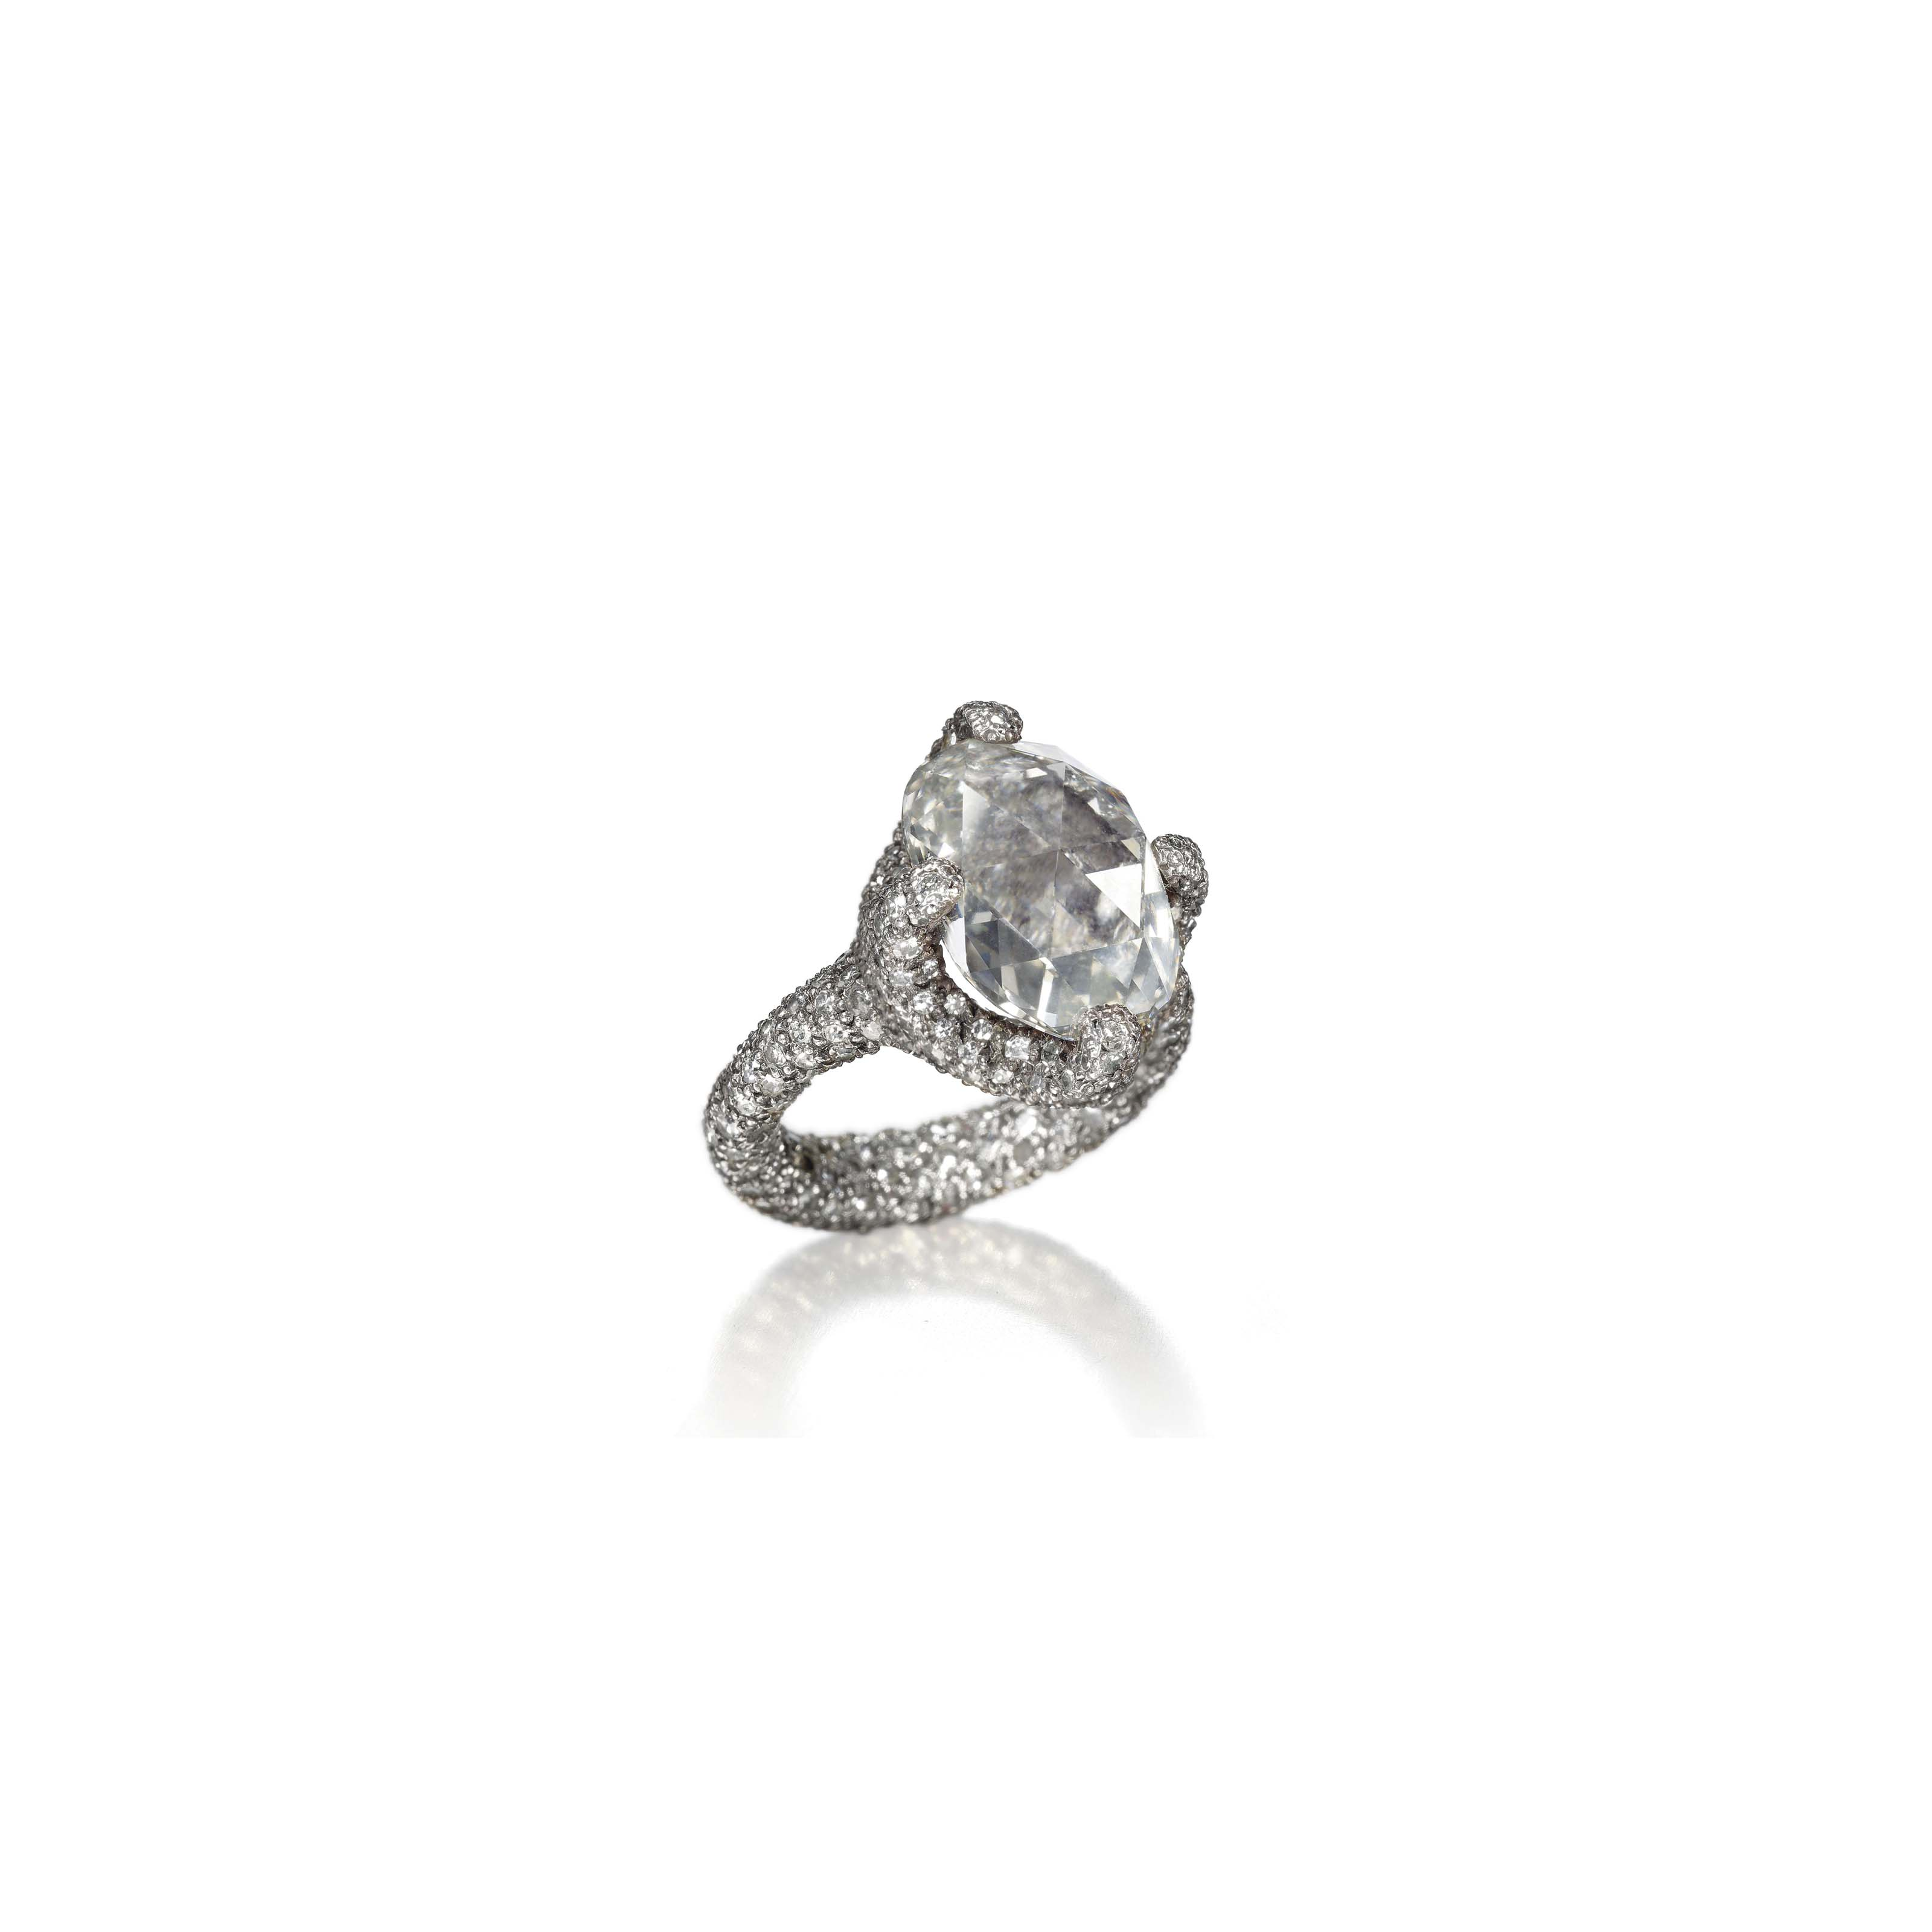 Fred Leighton Ring Price